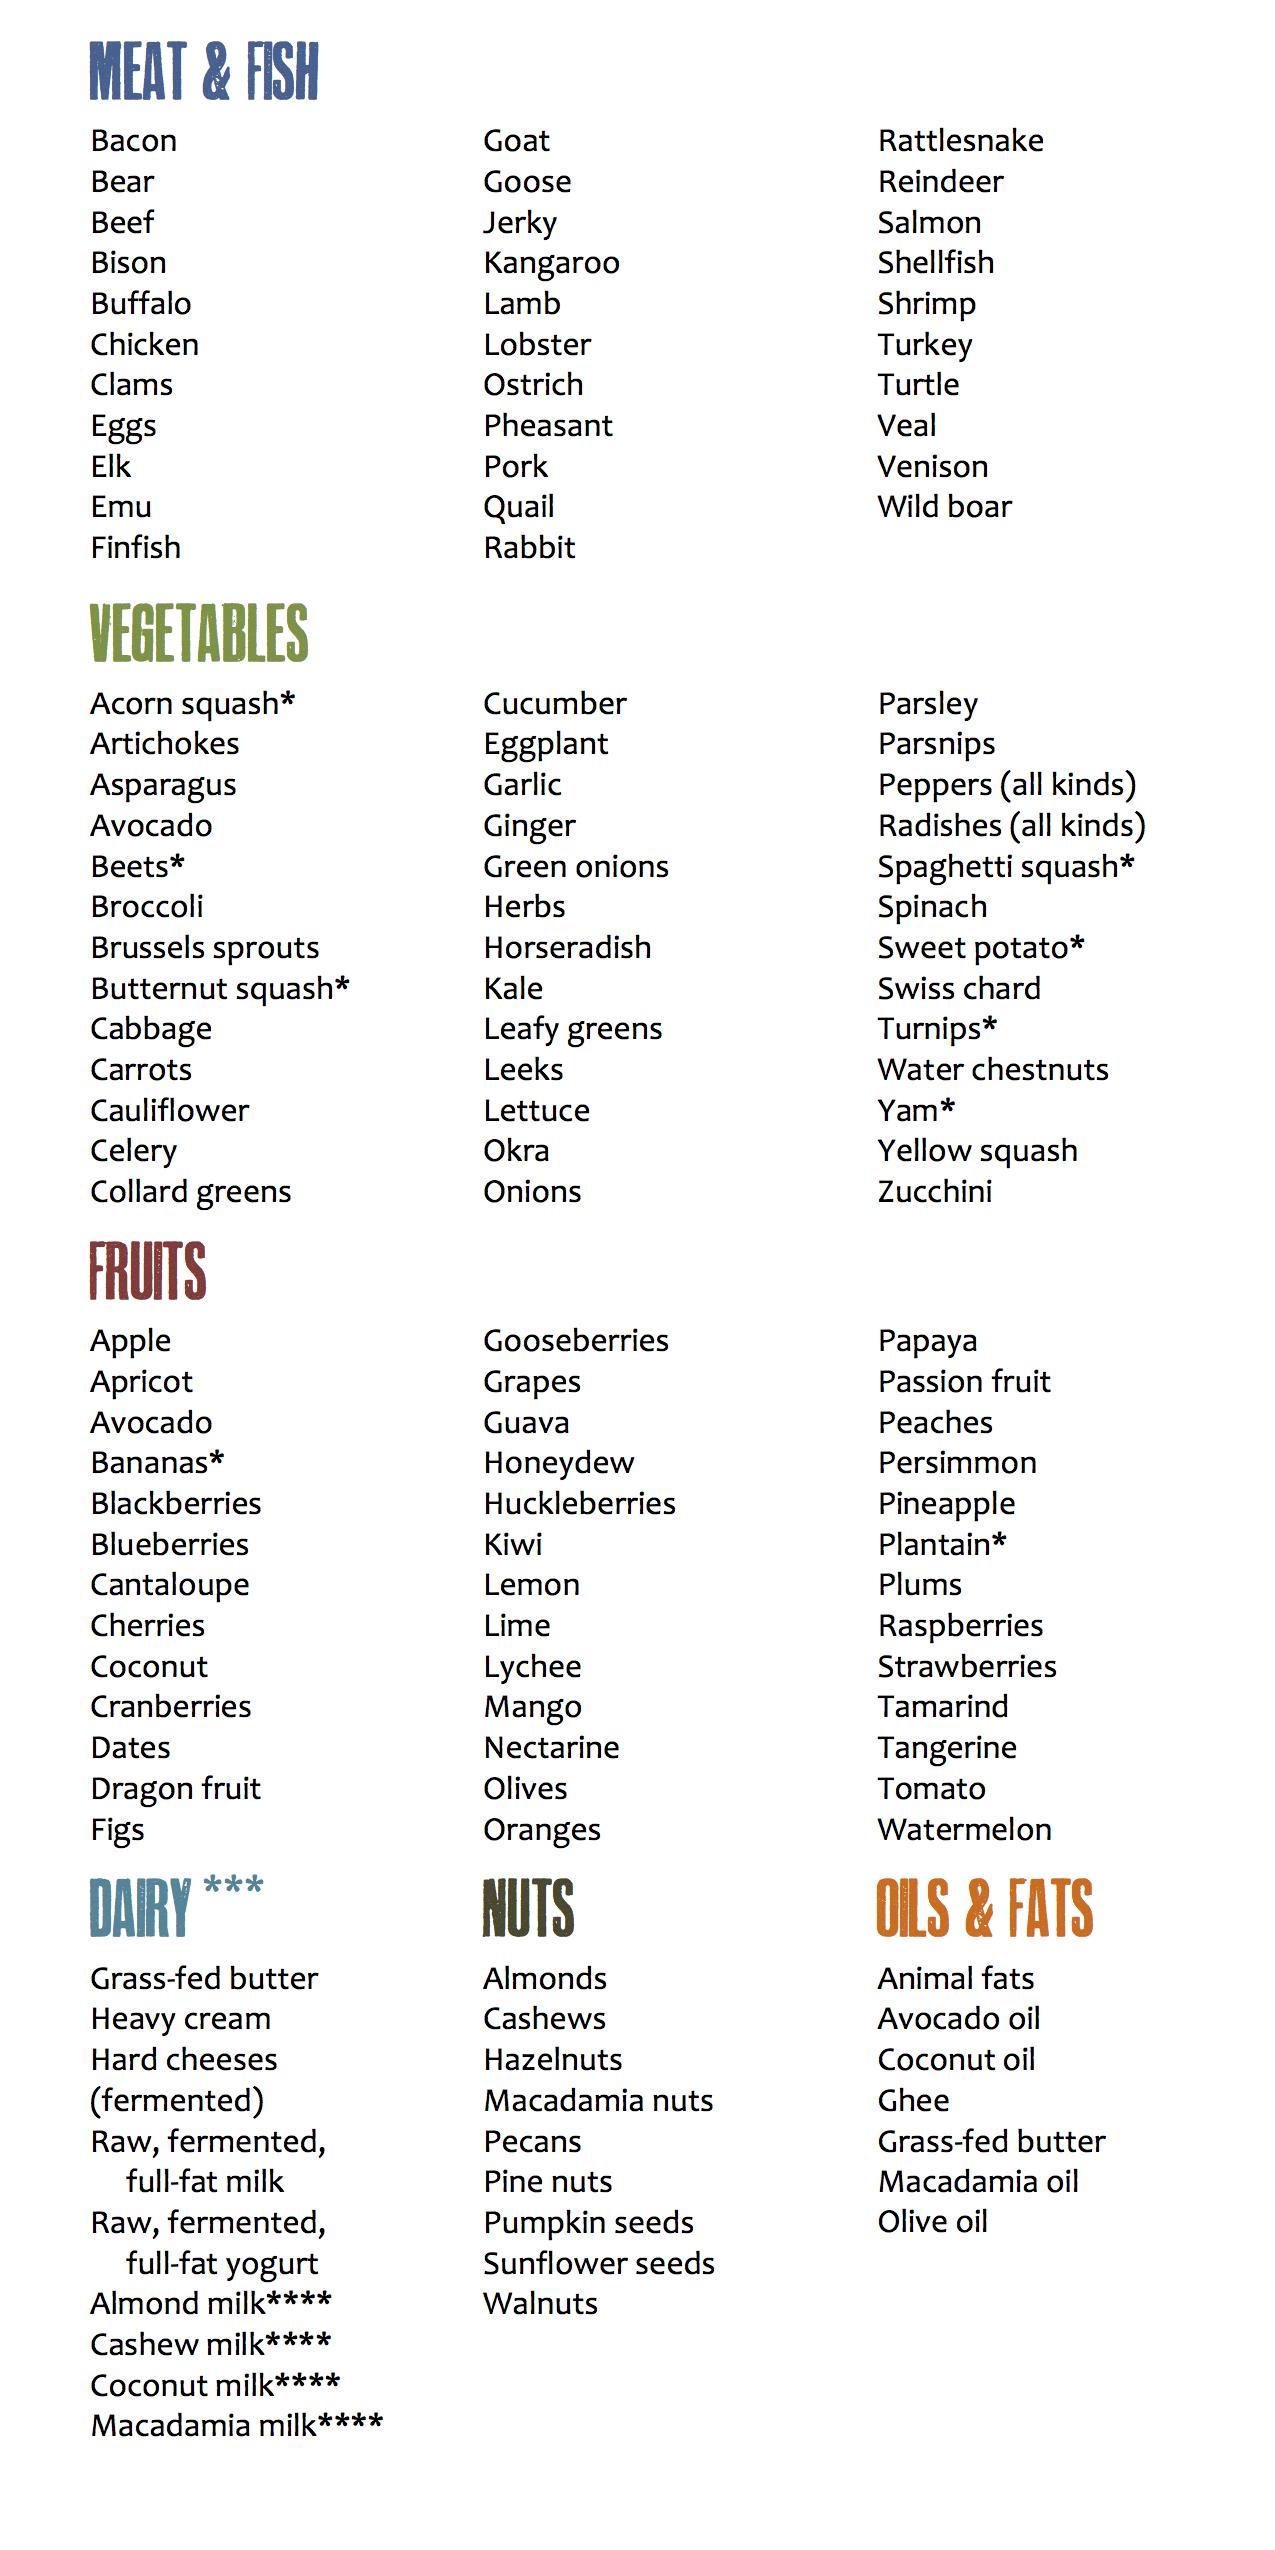 The Primal Diet Food List